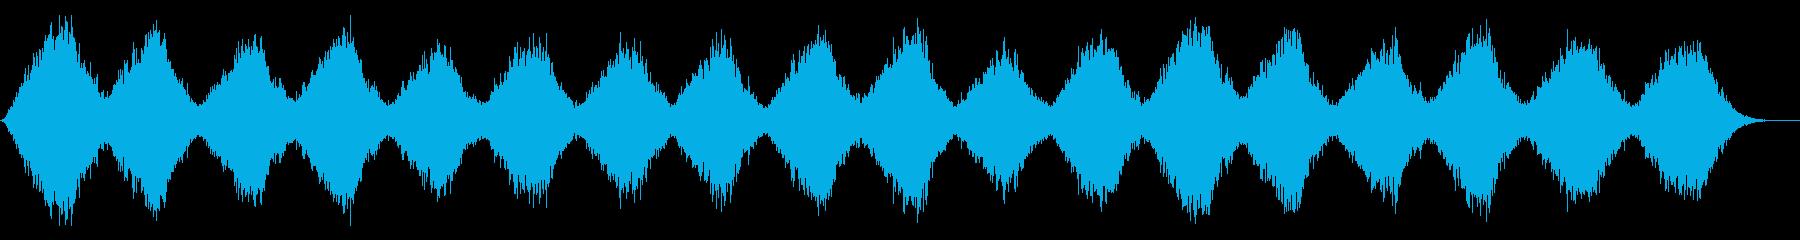 南極の風をイメージしたテクスチャーパッドの再生済みの波形